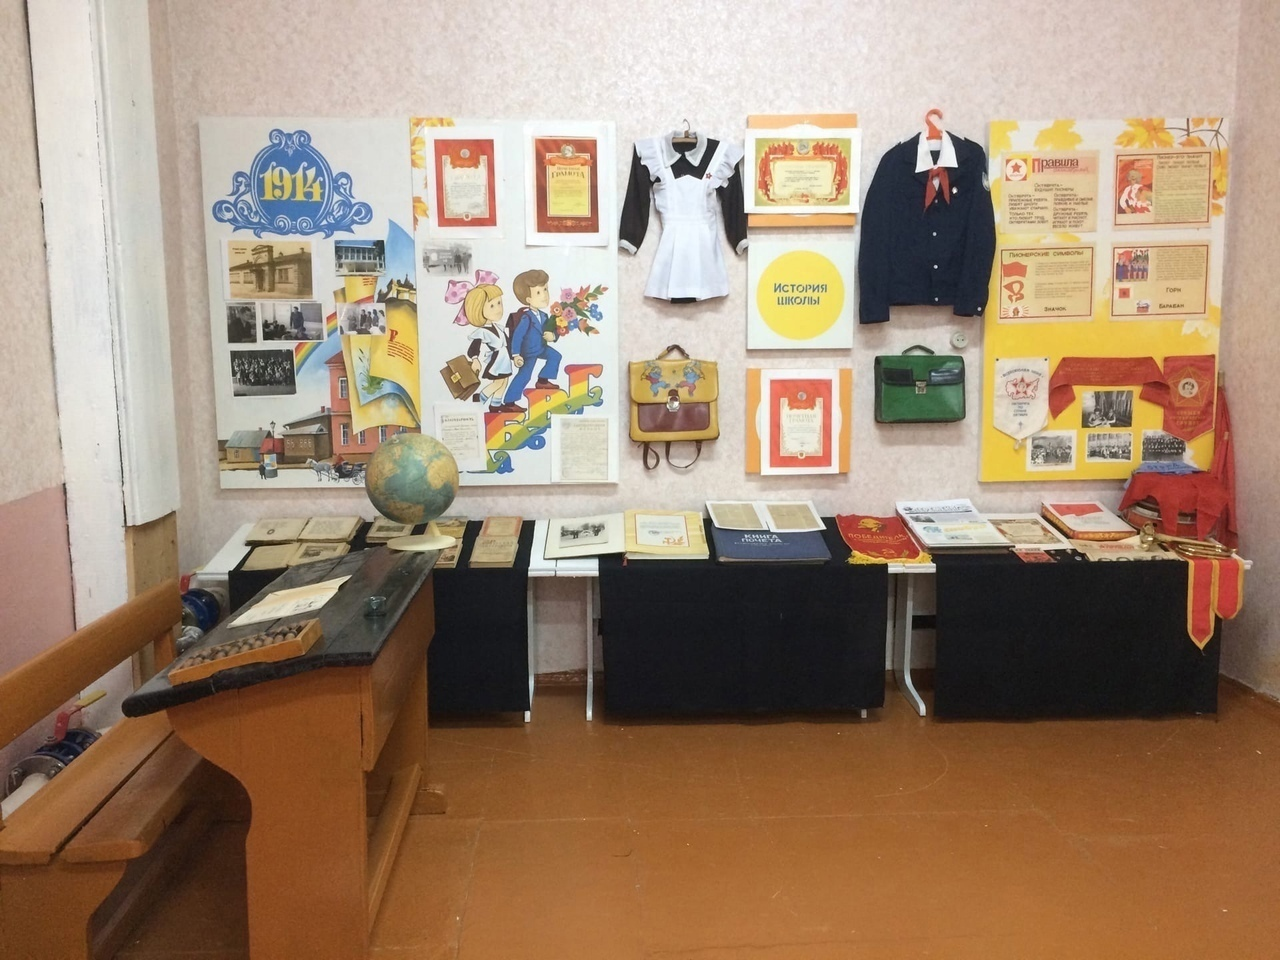 Ученики и педагоги школы №8 продолжают готовить к открытию свой музей